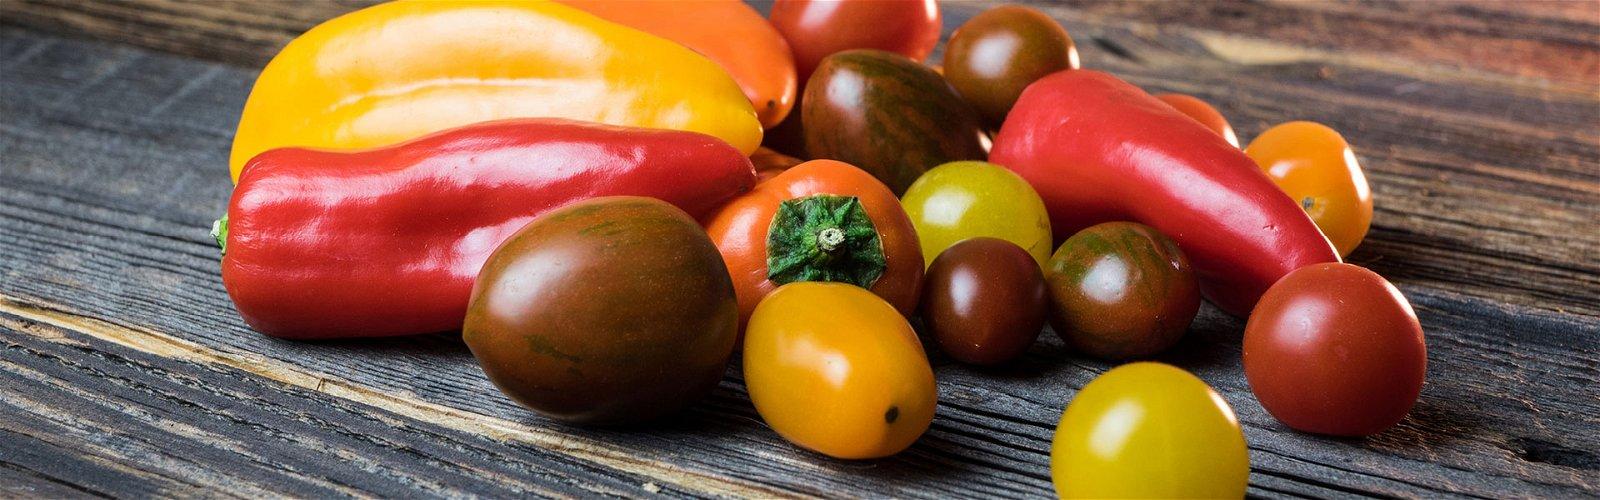 Forskellige tomatsorter